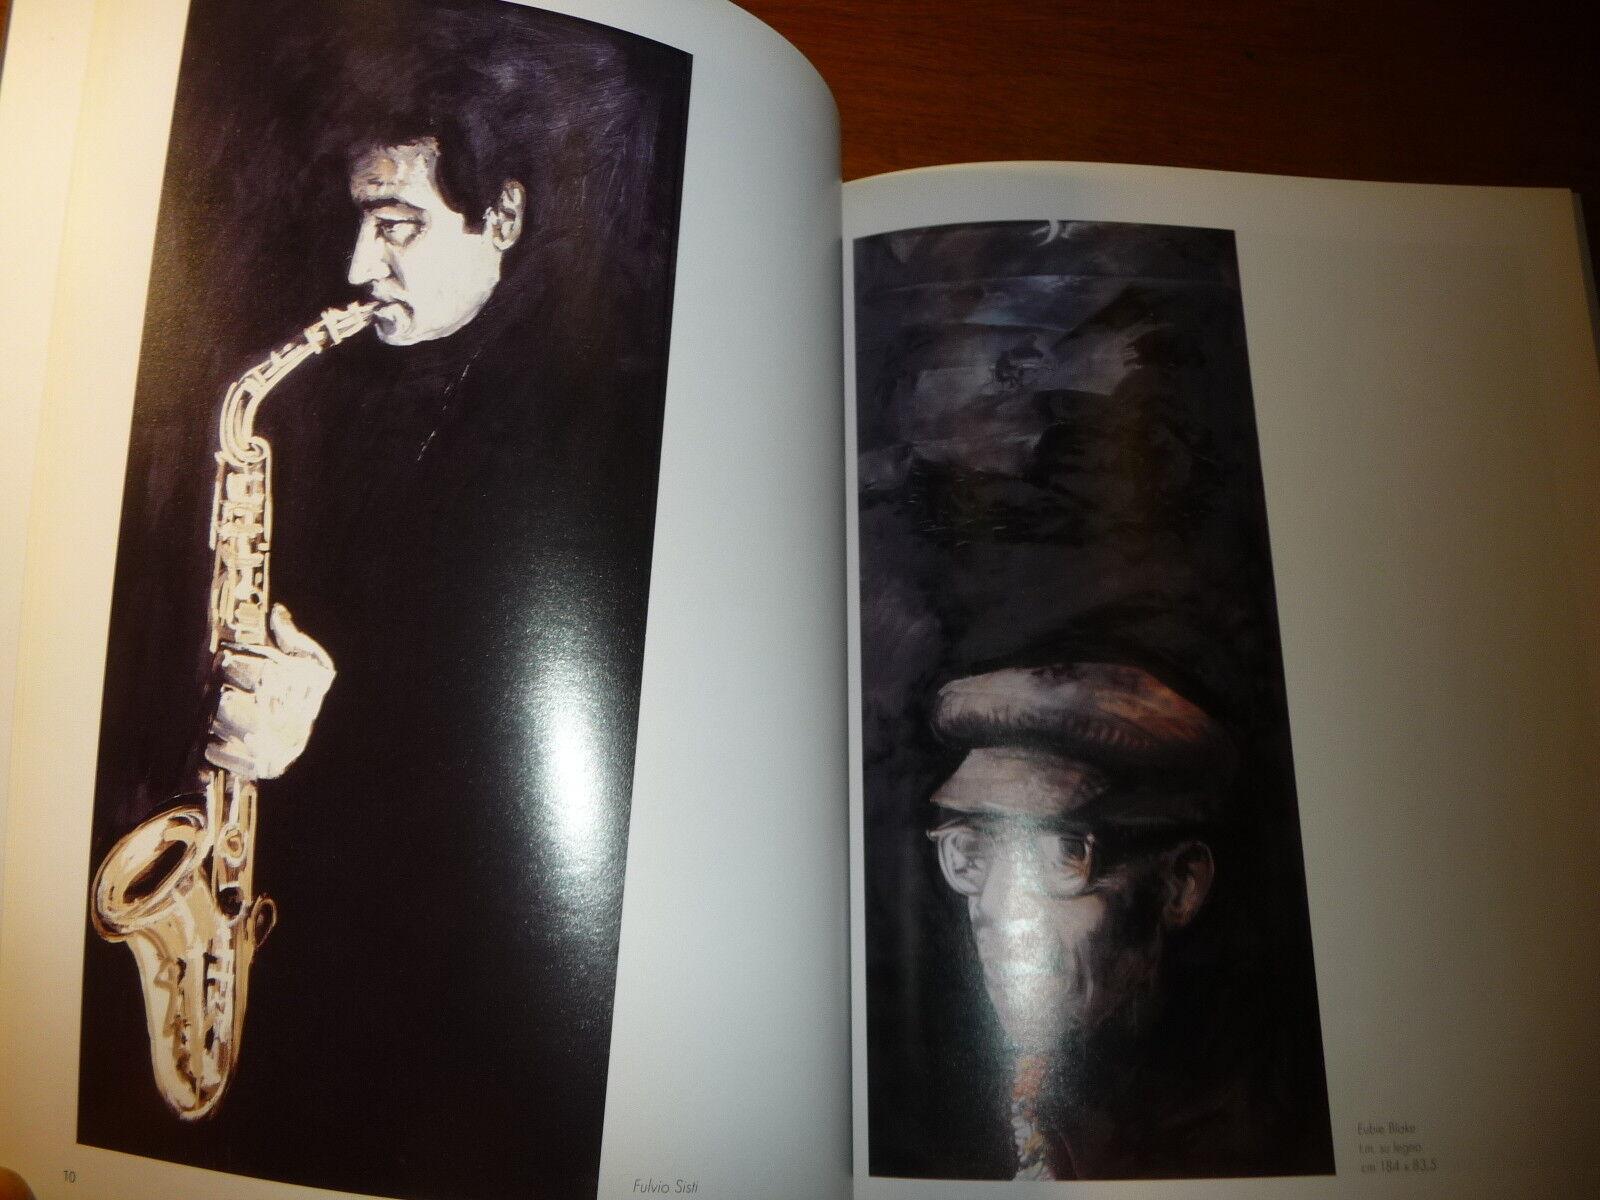 LORENZO D'ANDREA JAZZ IN LOVE CATALOGO DELLA MOSTRA DI SONDRIO 2003